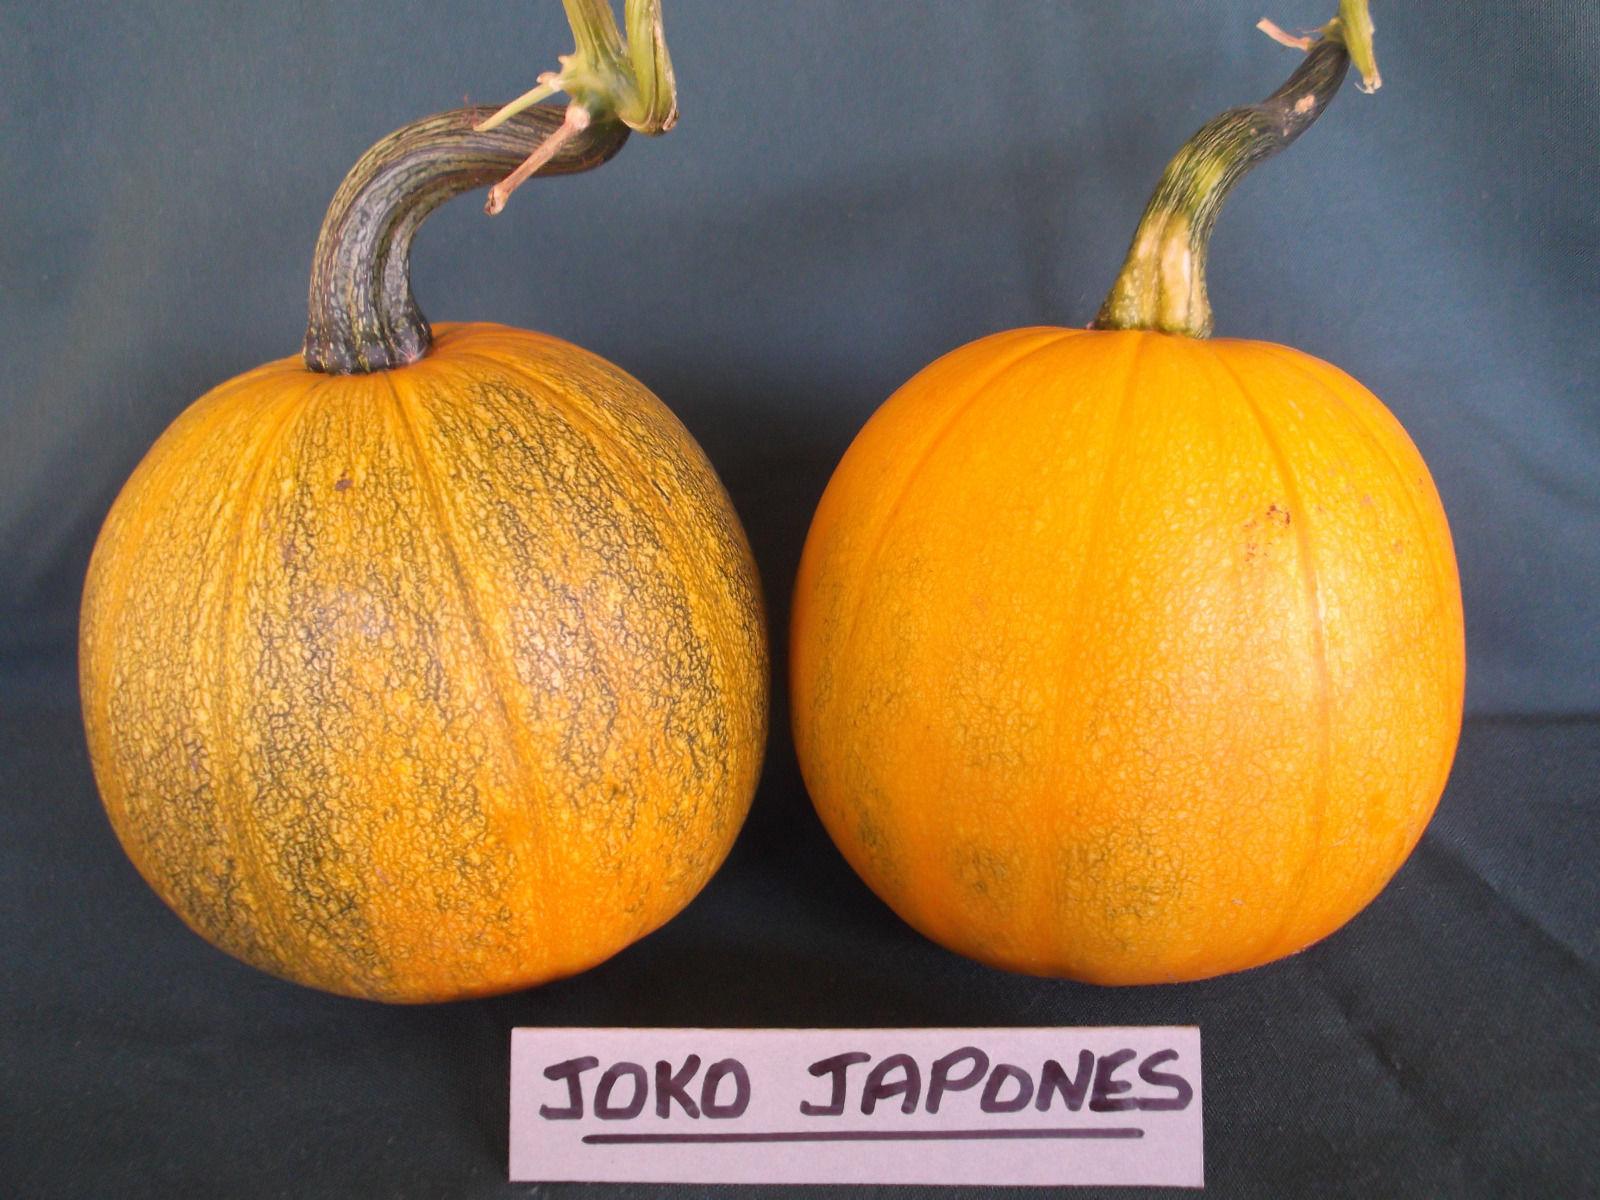 Joko Japnones